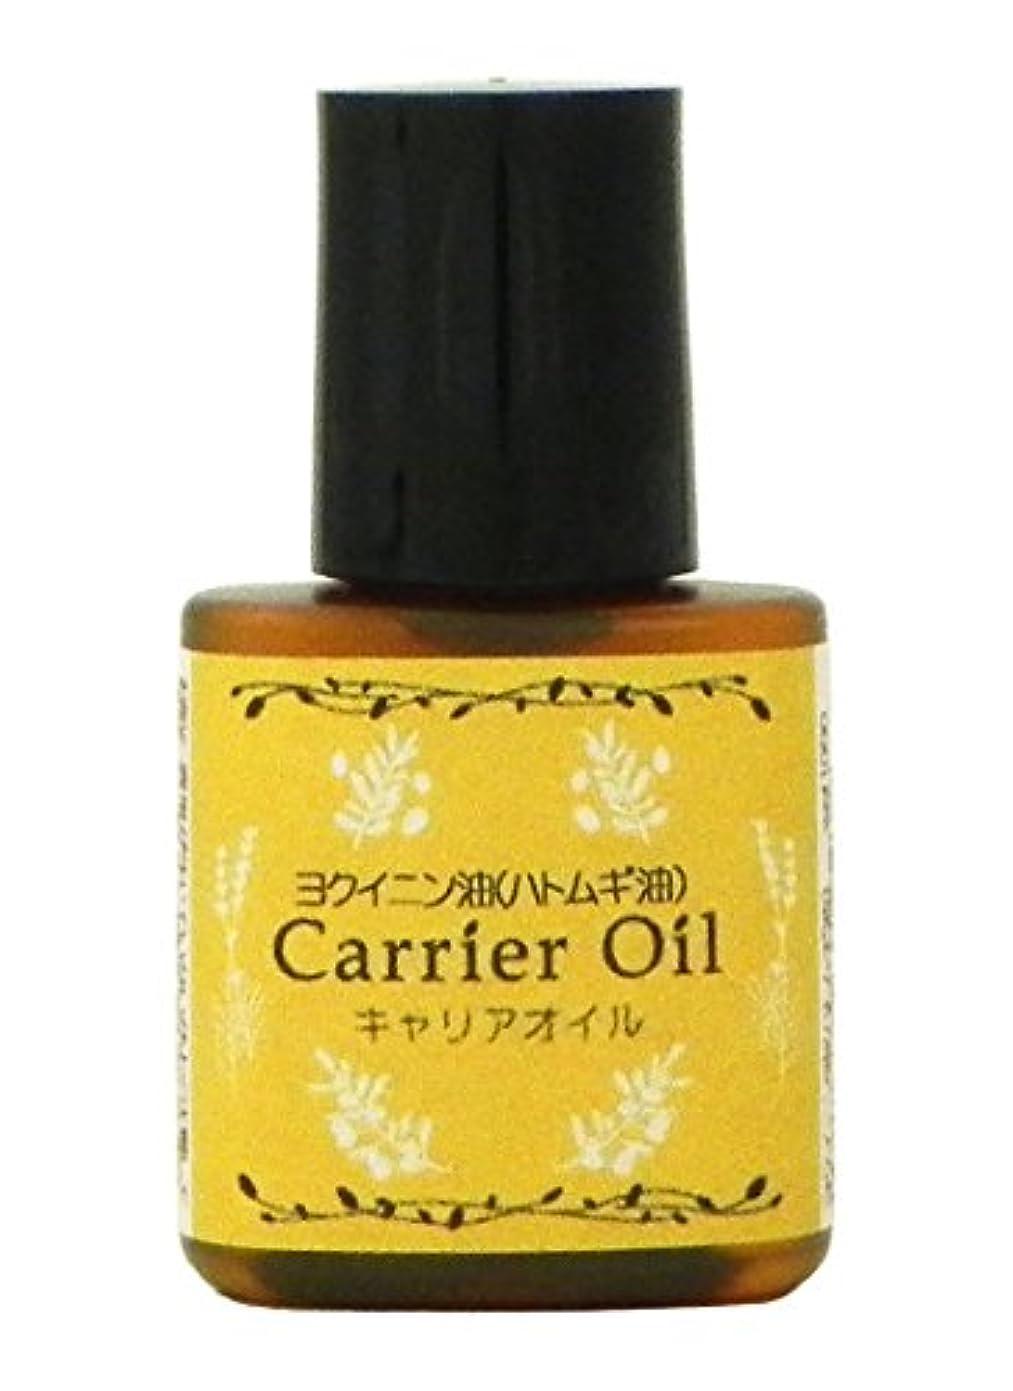 ヨクイニン油 (ハトムギ油) 10ml 【キャリアオイル】